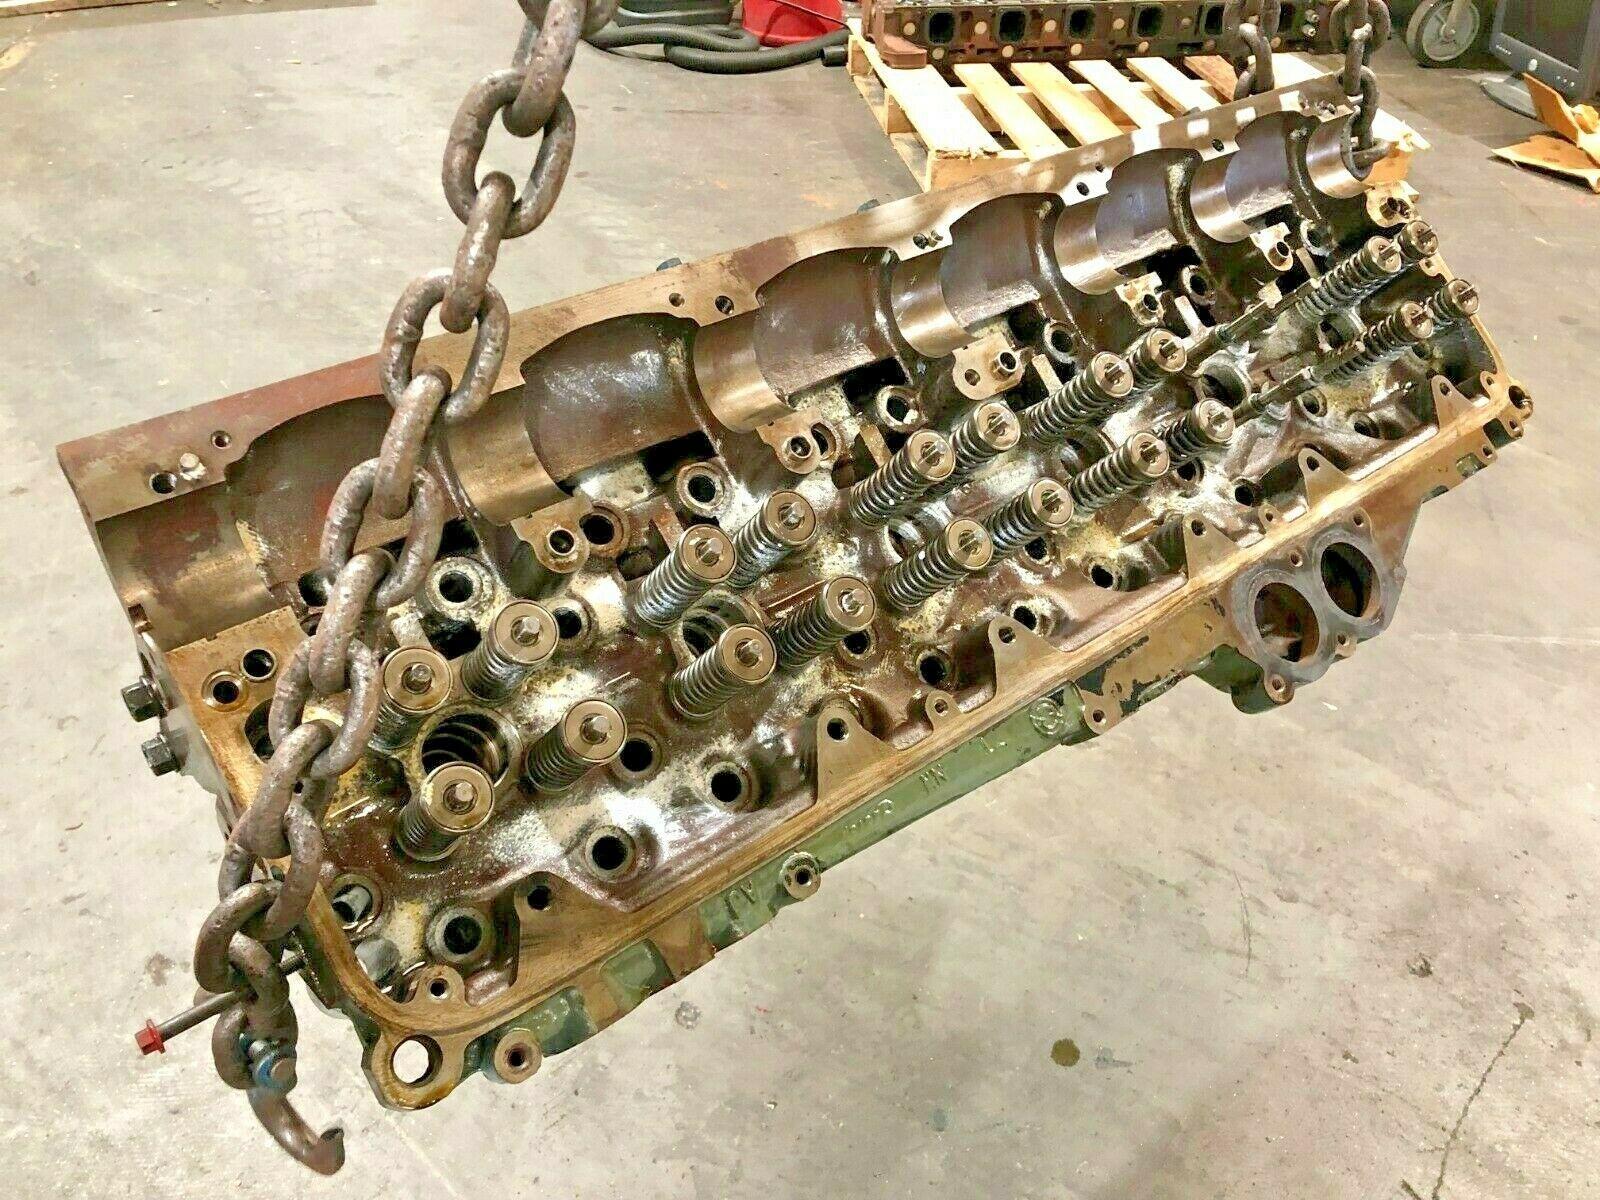 Detroit Series 60 14.0 Liter Diesel Engine Cylinder Head As Is OEM